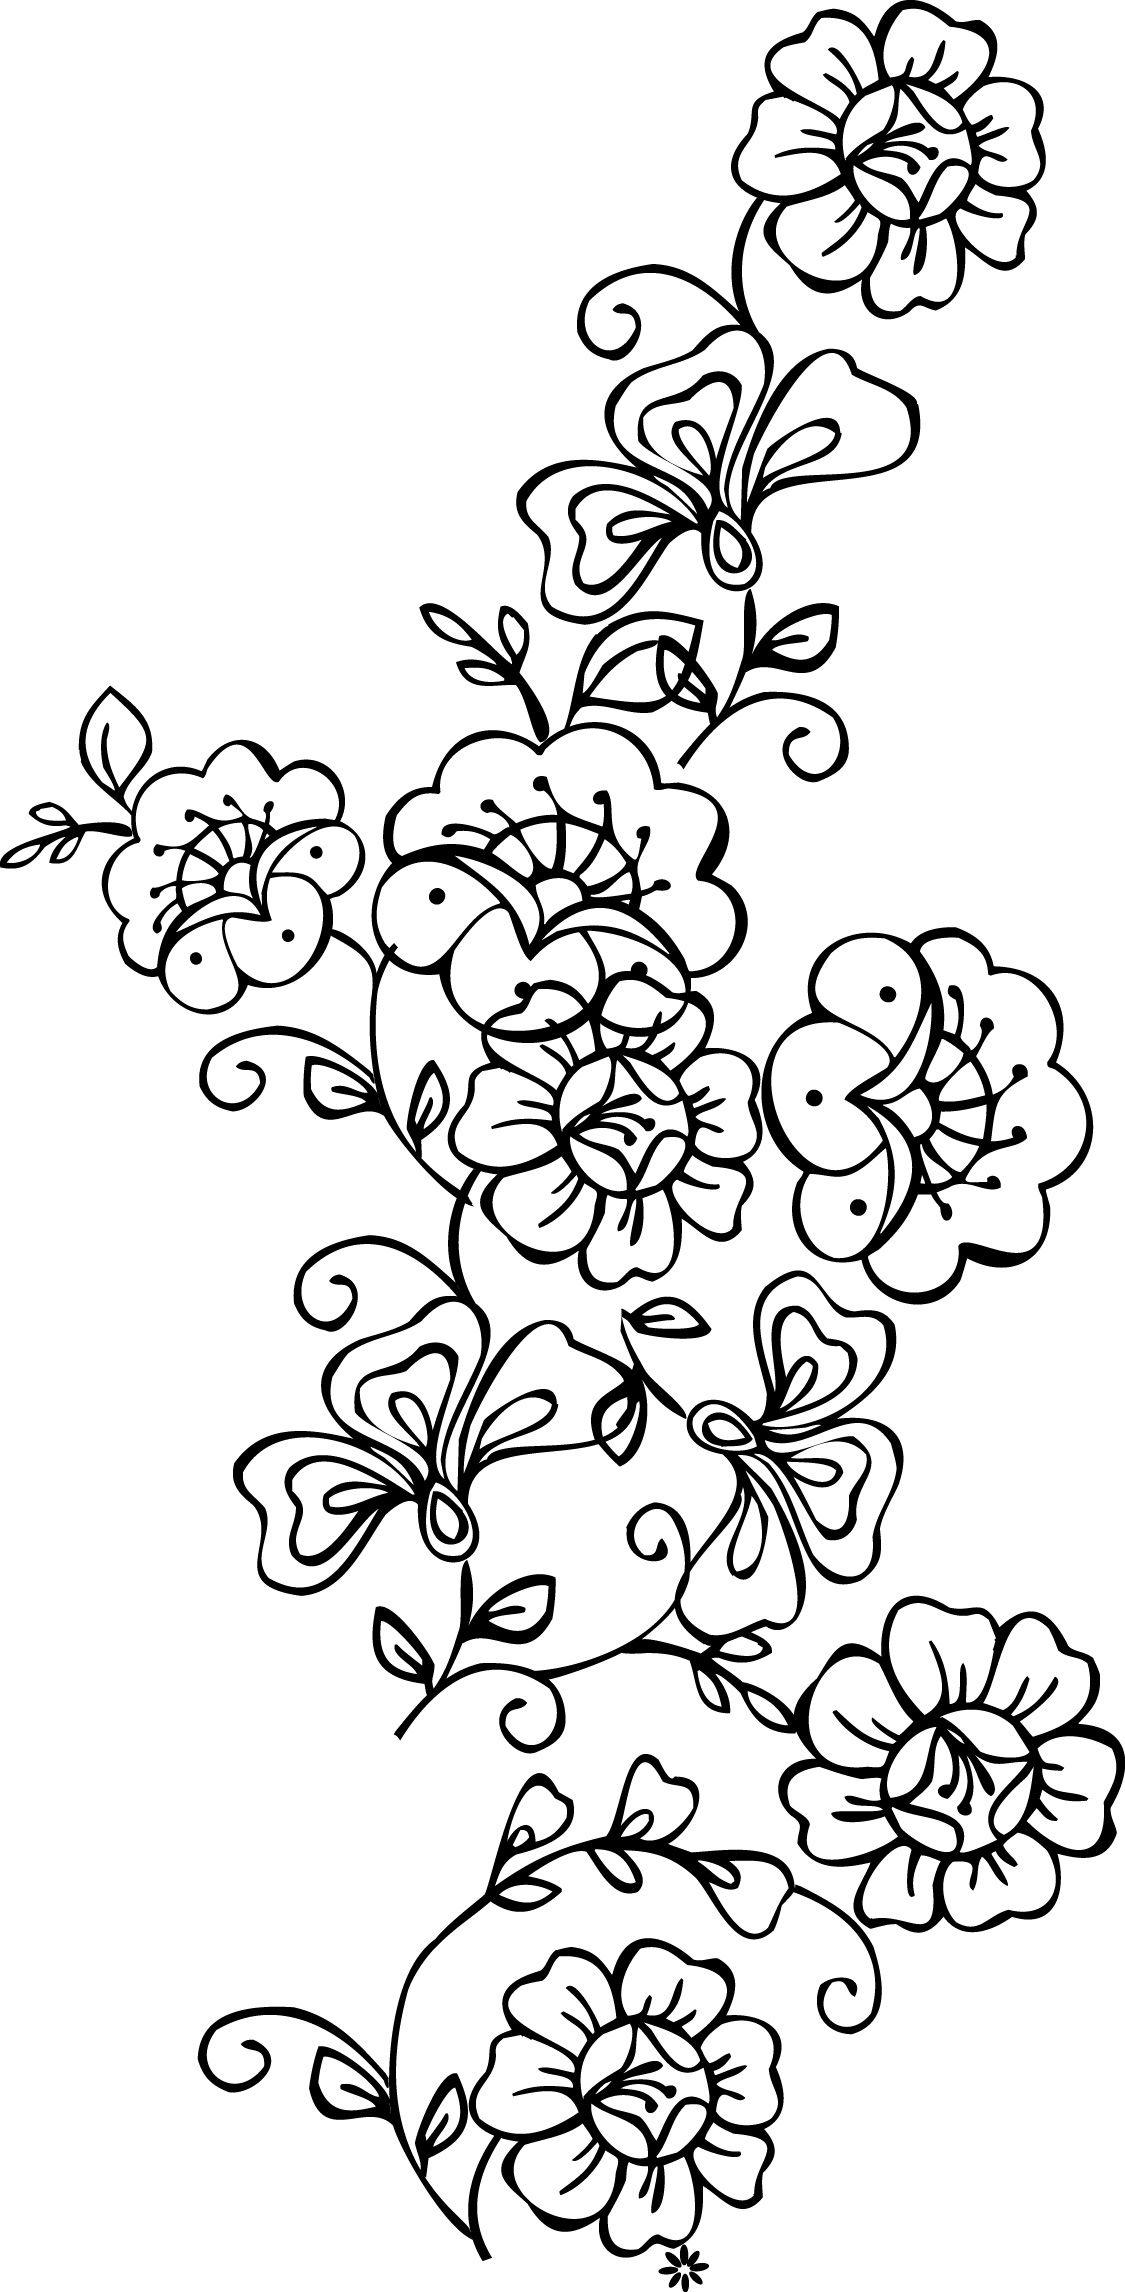 Free Printable Stencils Of Trees | Stencils Designs Free Printable - Free Printable Stencils For Painting